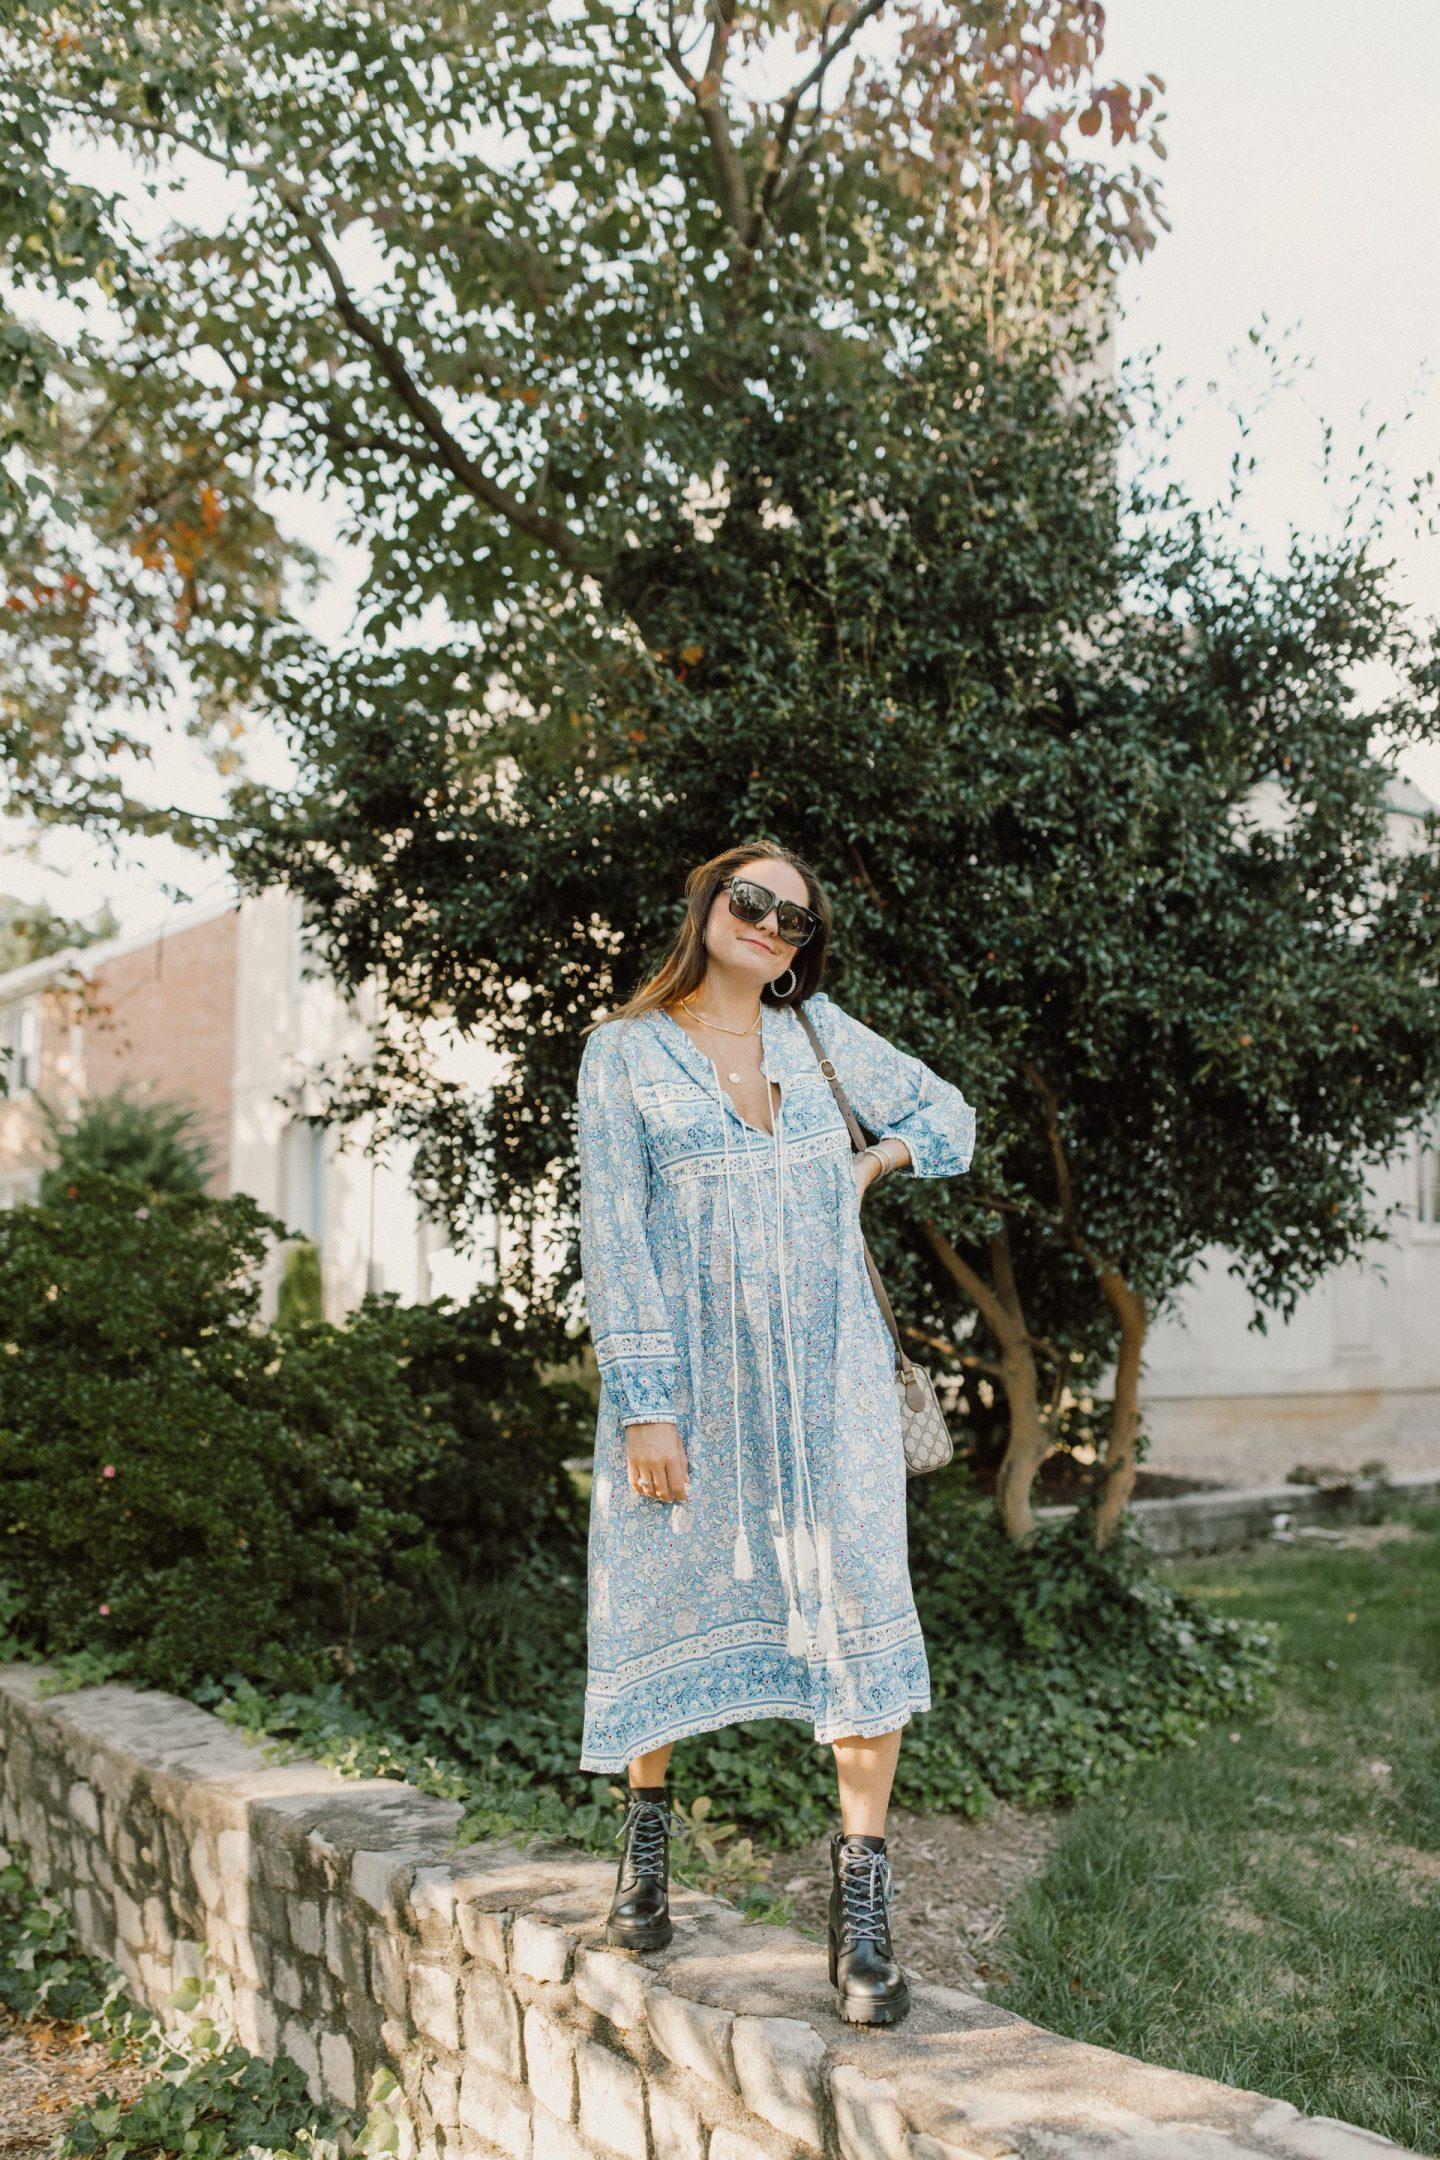 rebecca piersol amazon dress